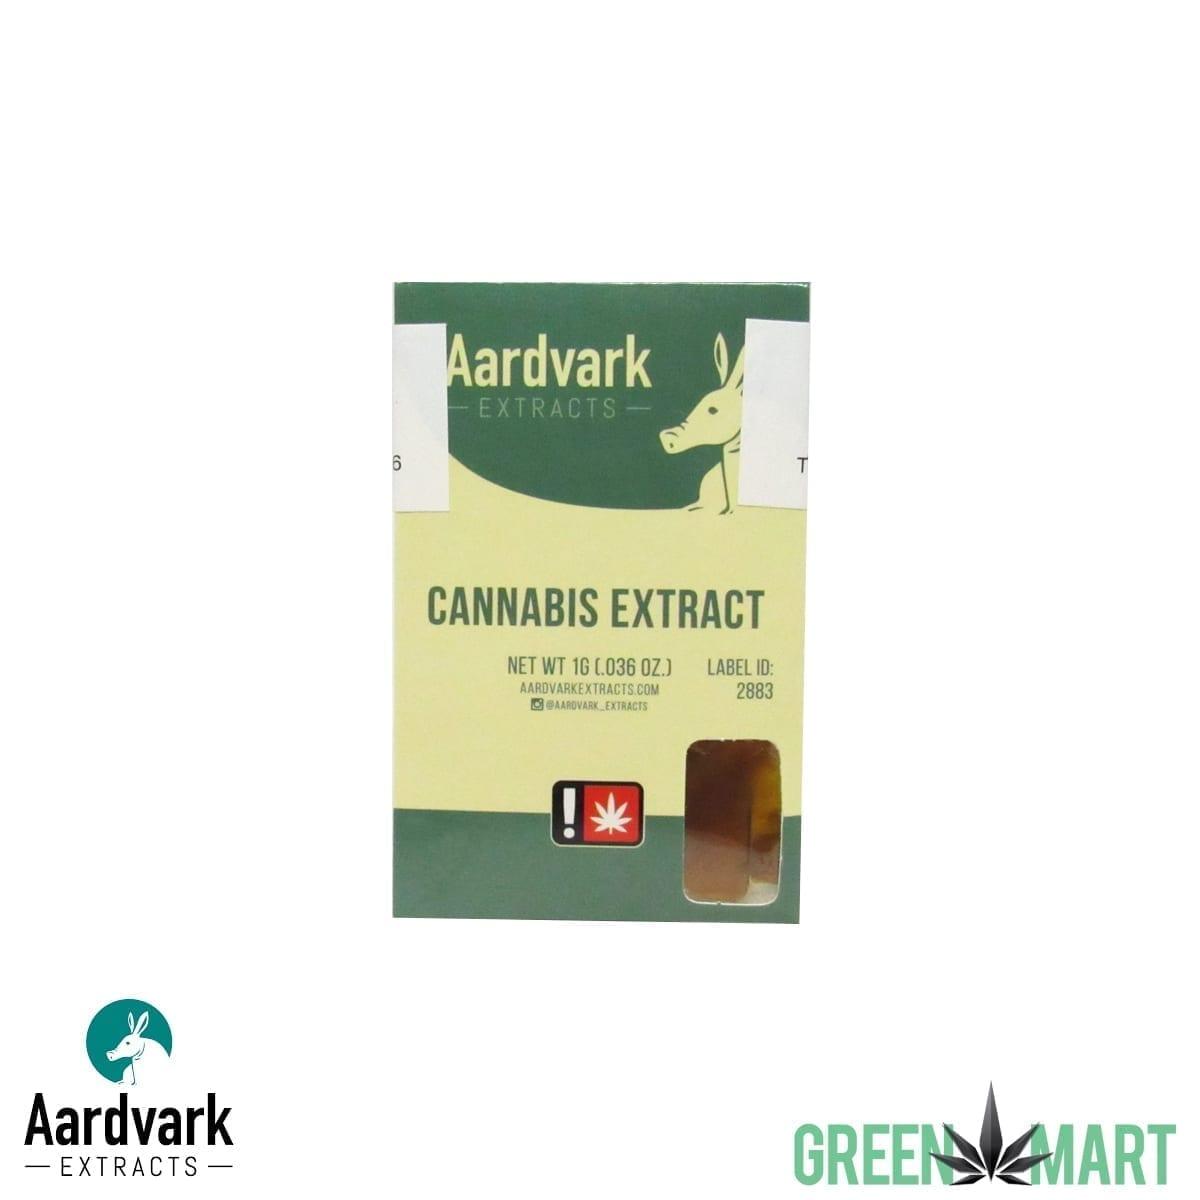 Aardvark Extracts